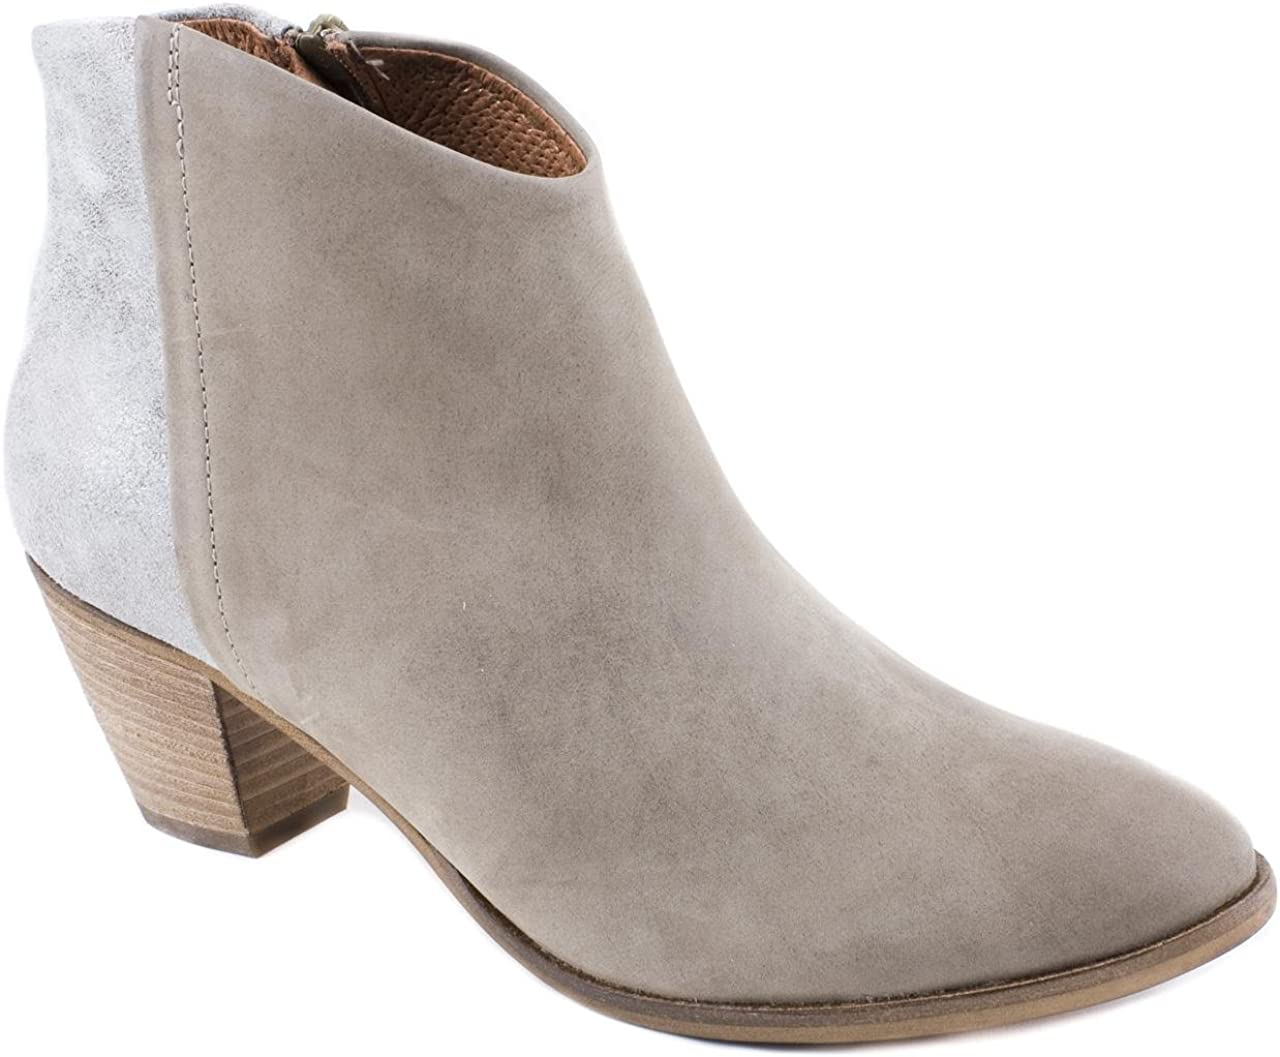 Ladies Jones Bootmaker Odelia Beige